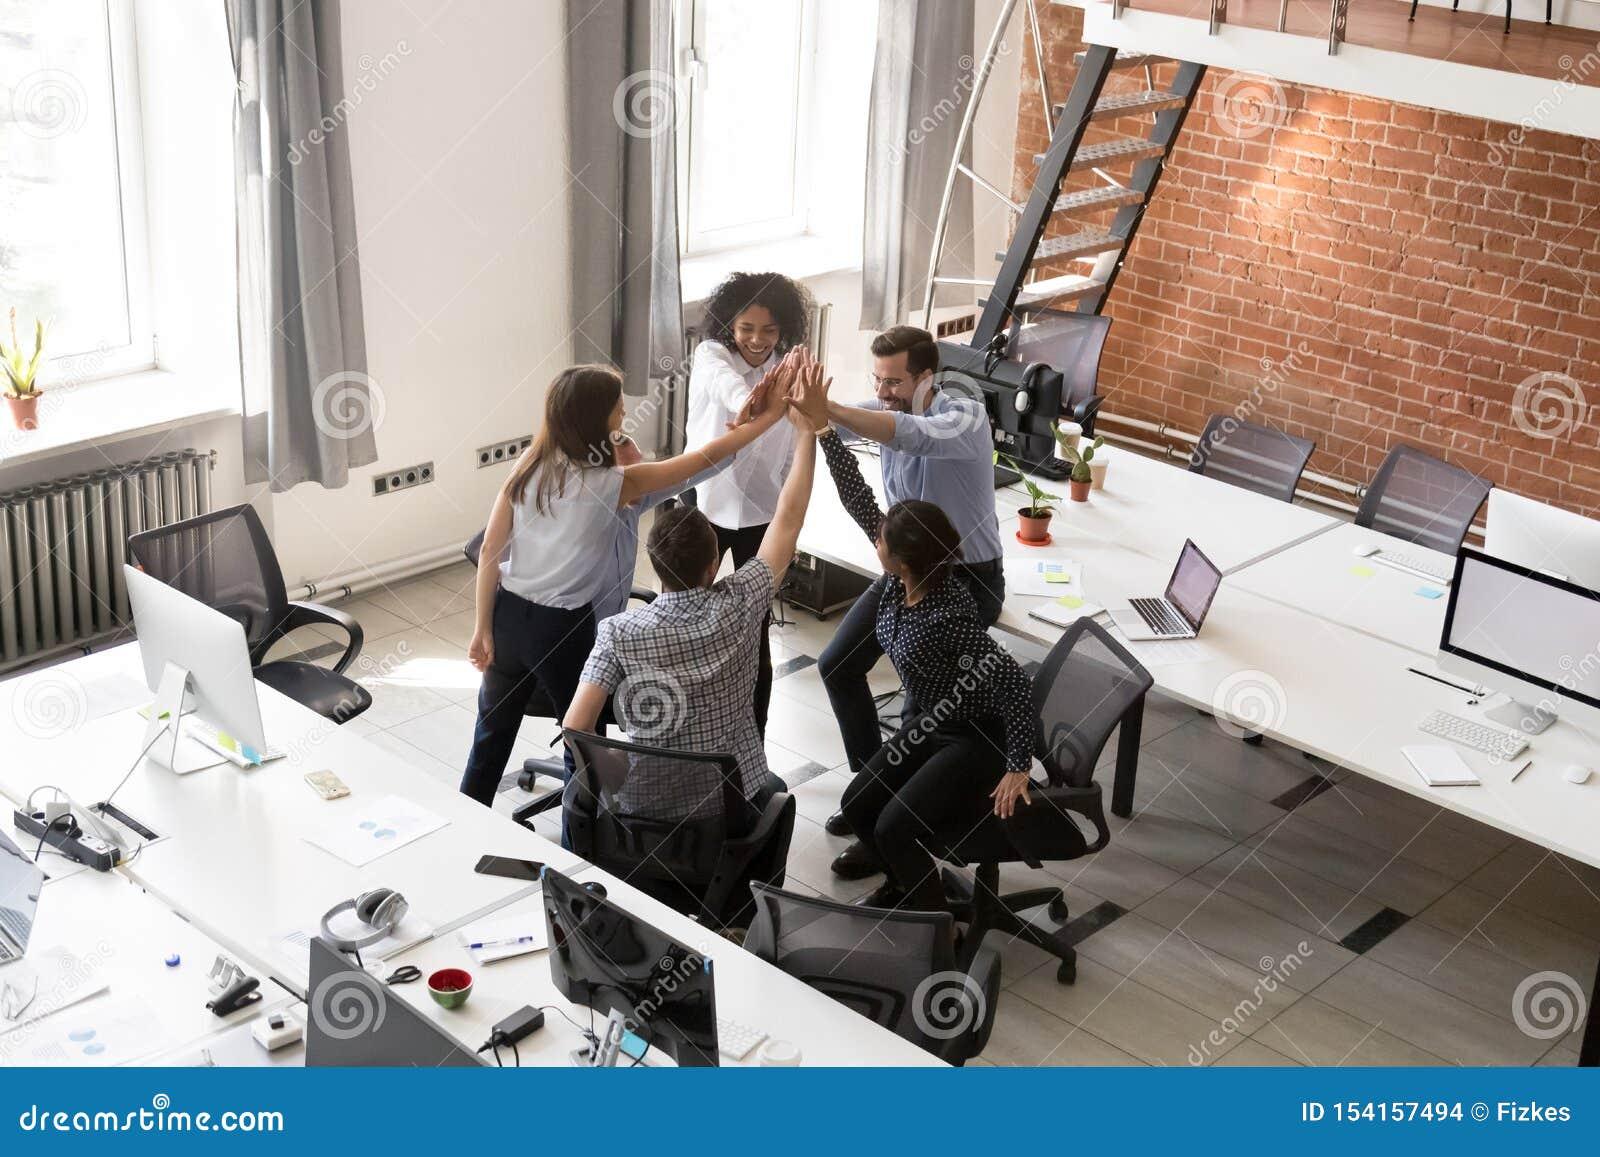 Los oficinistas multirraciales emocionados combinan dando altos cinco juntos